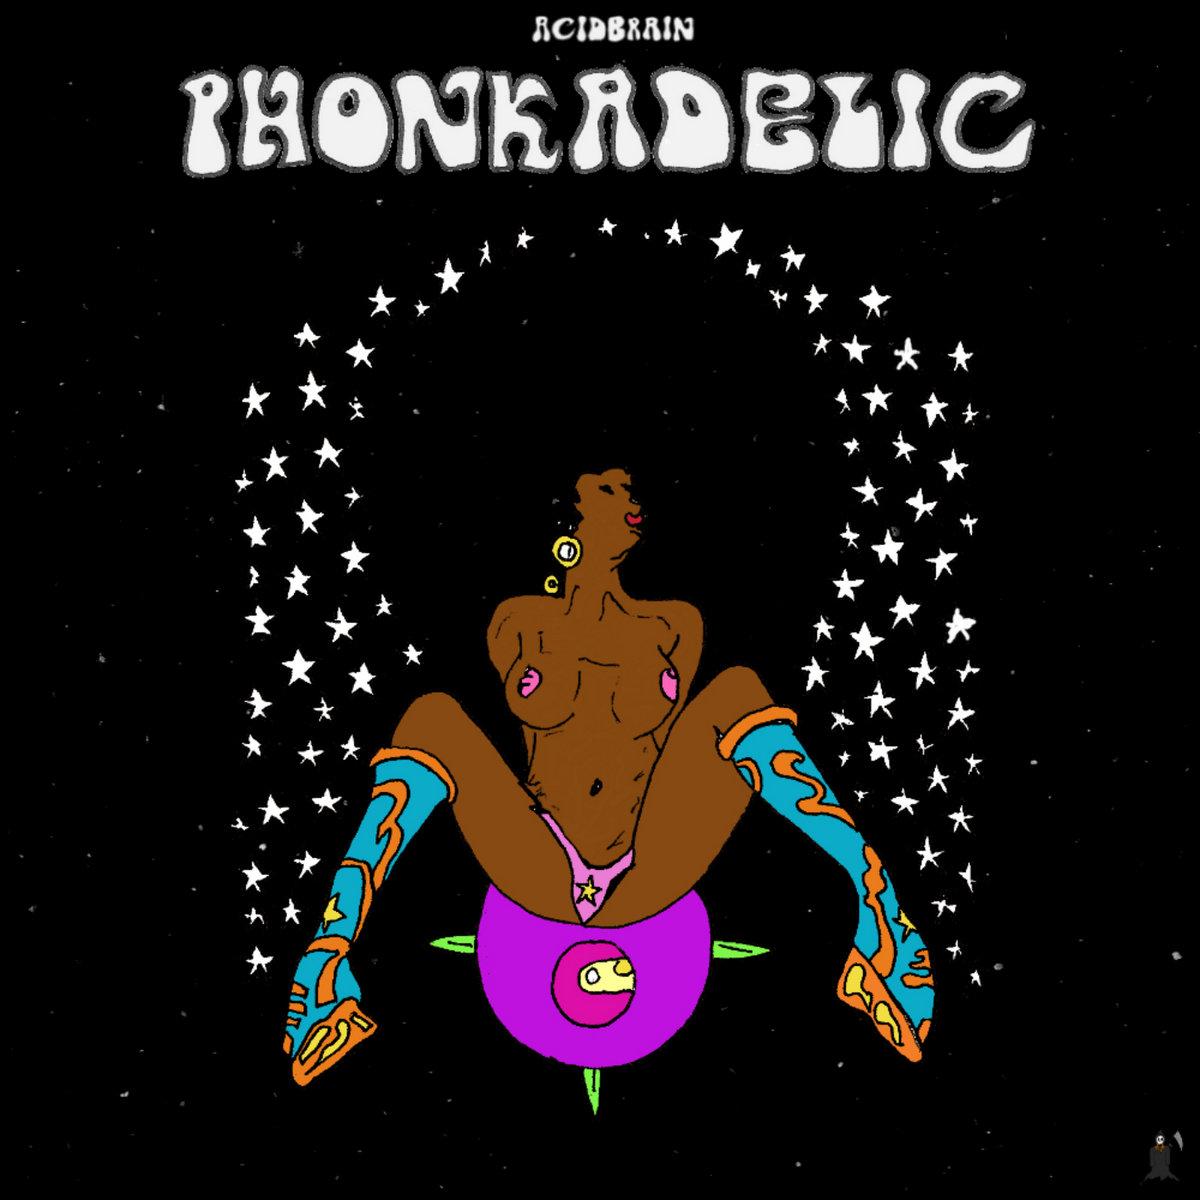 Phonkadelic